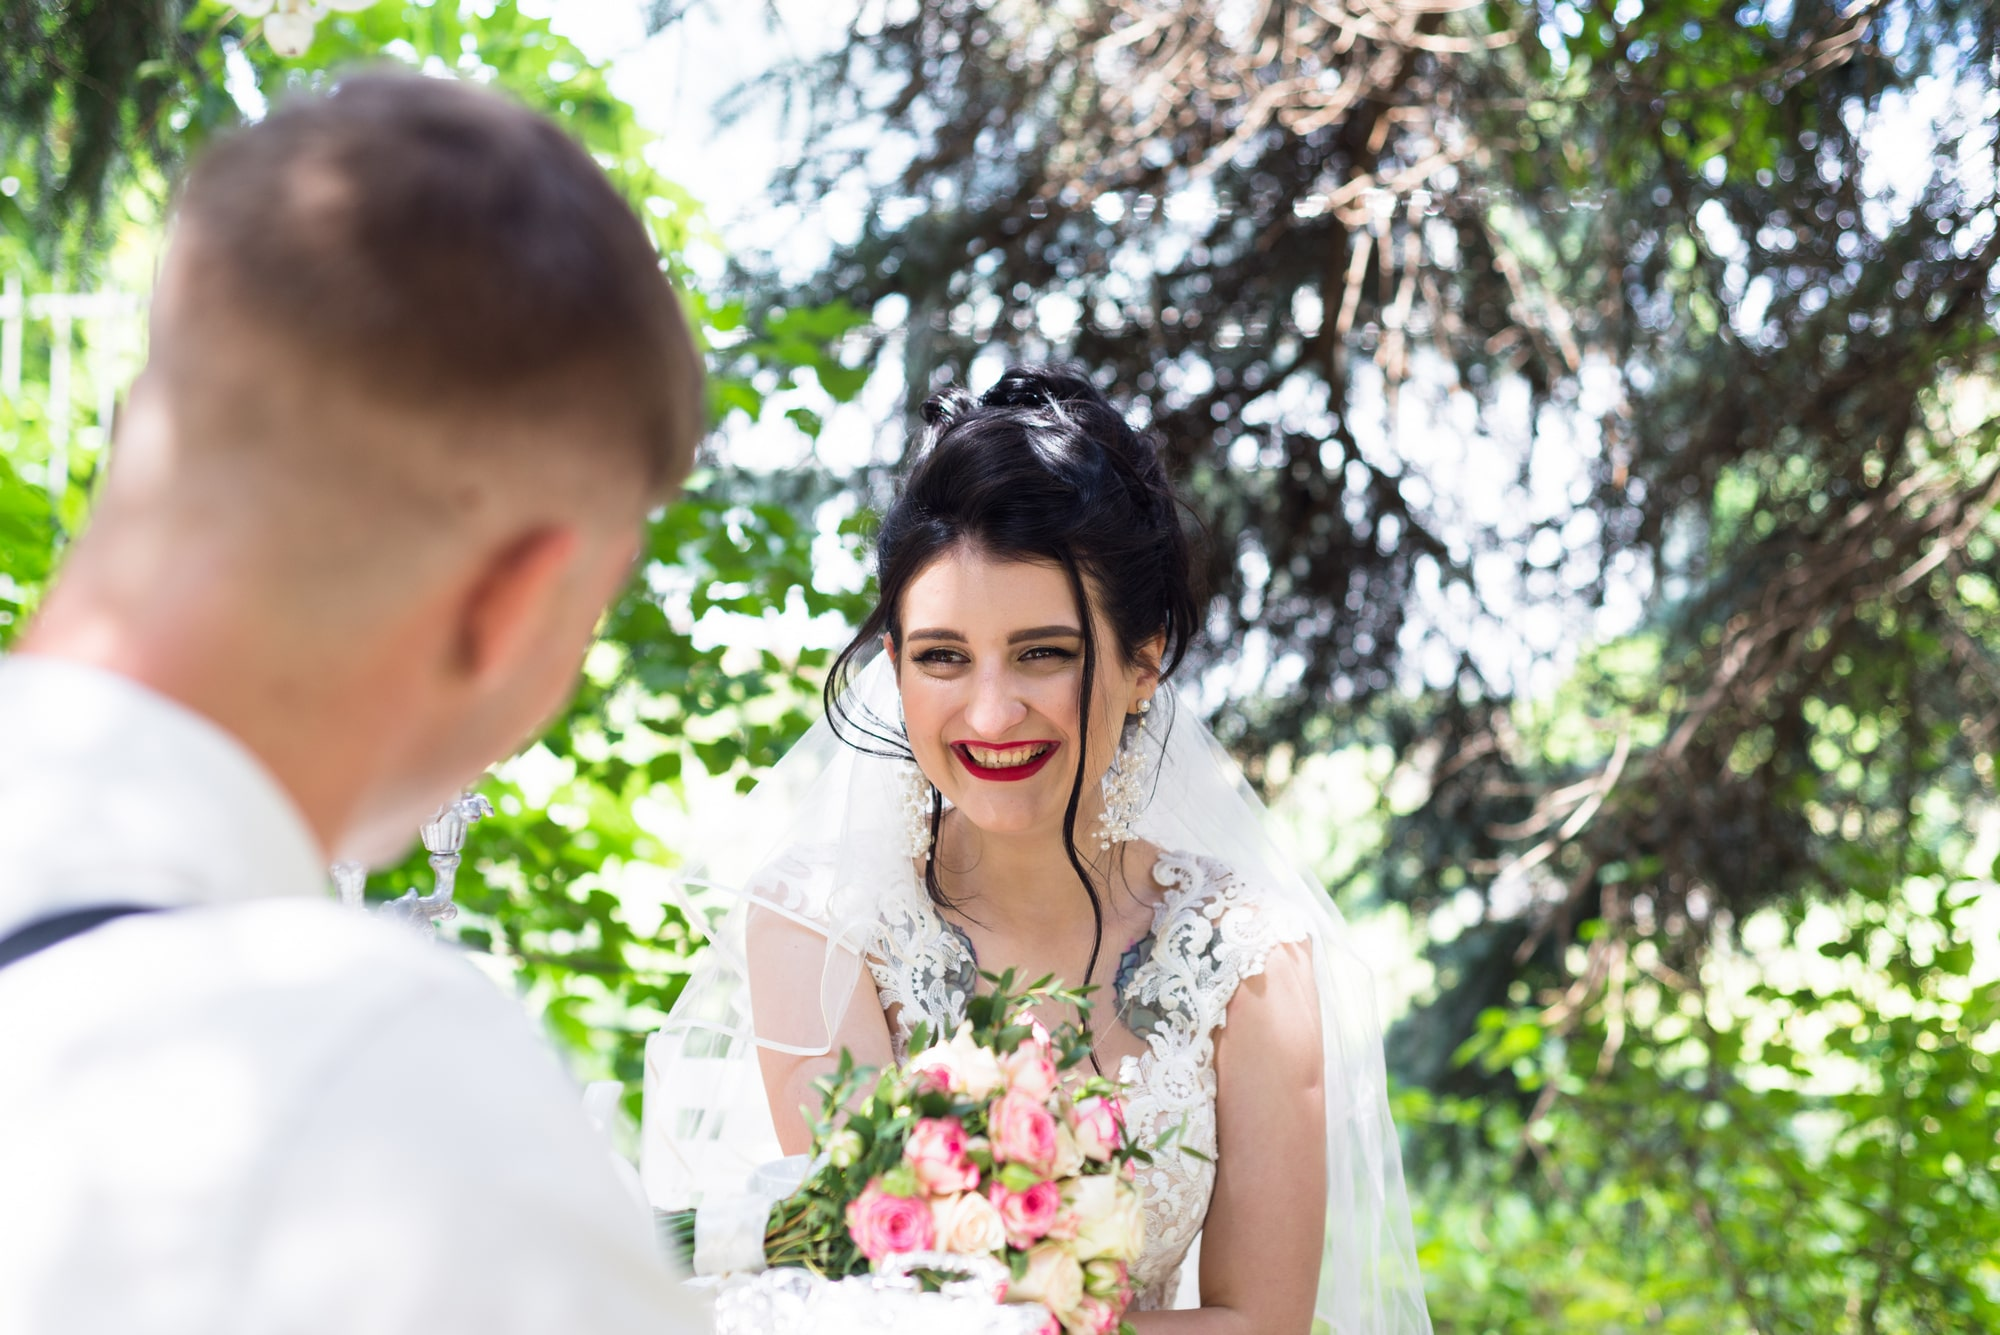 Свадебная фотосъемка в студии Плей - смех и веселье невесты